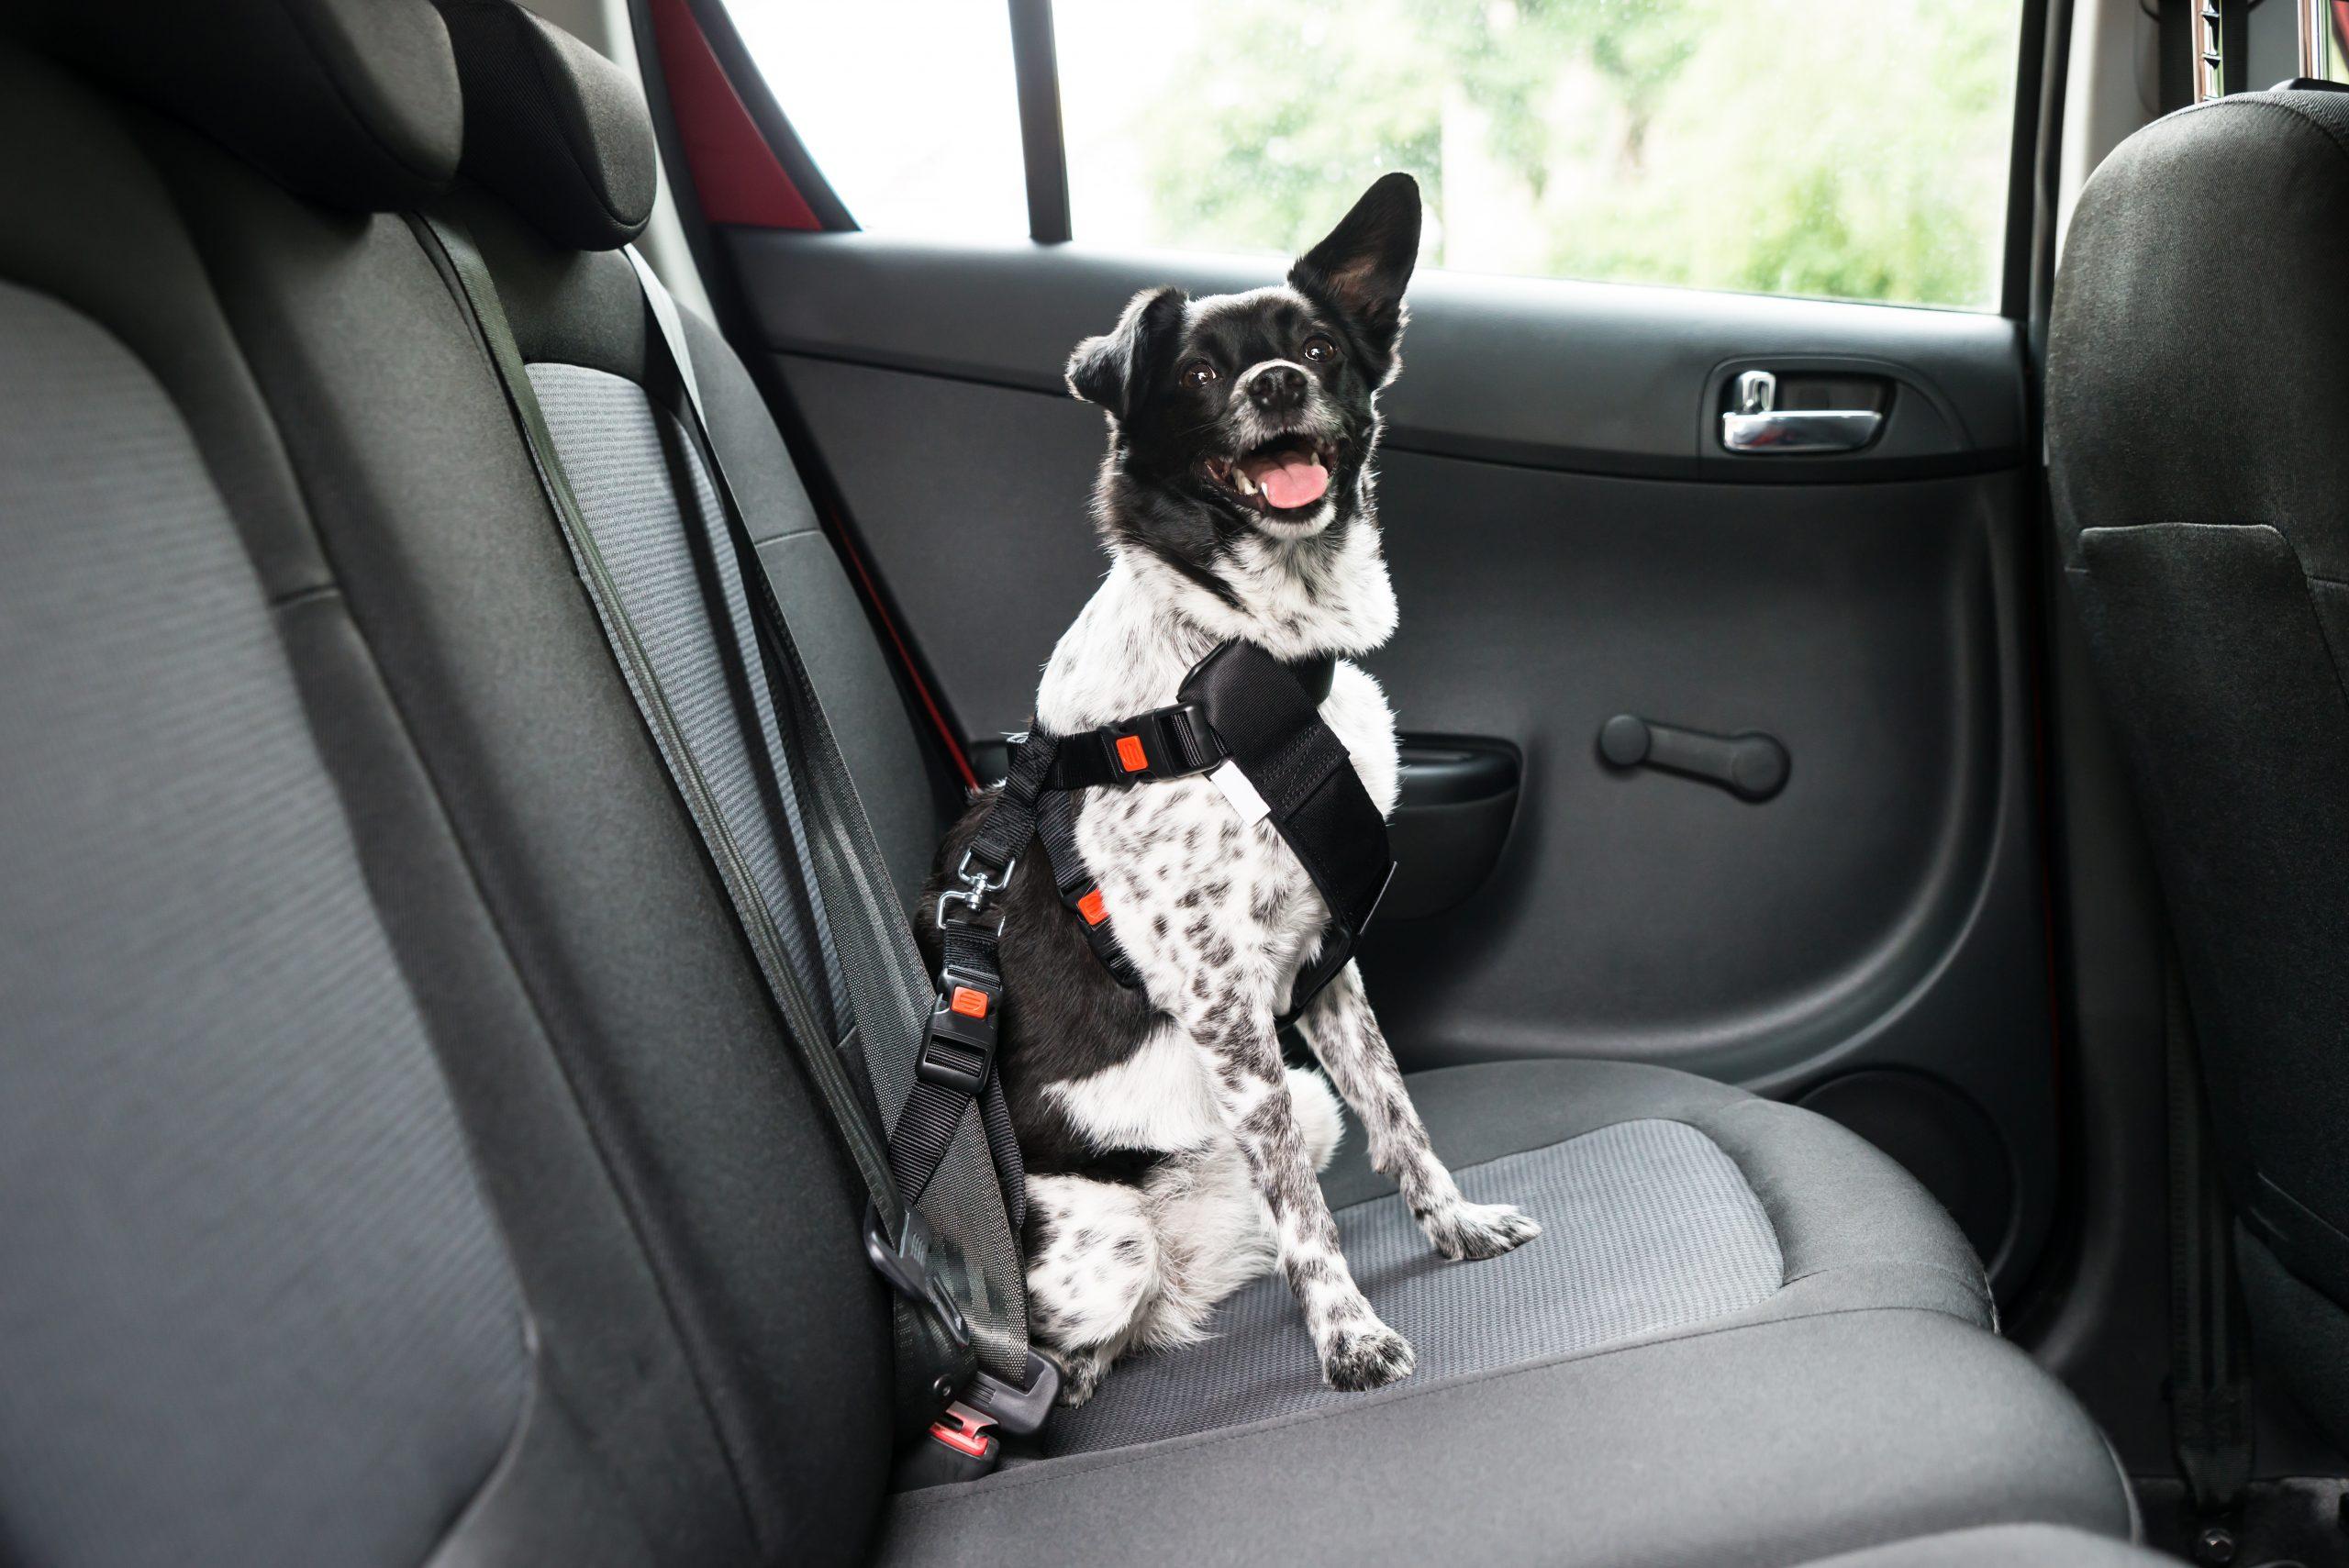 cao sentado no banco de tras de carro com cinto de seguranca para cachorro